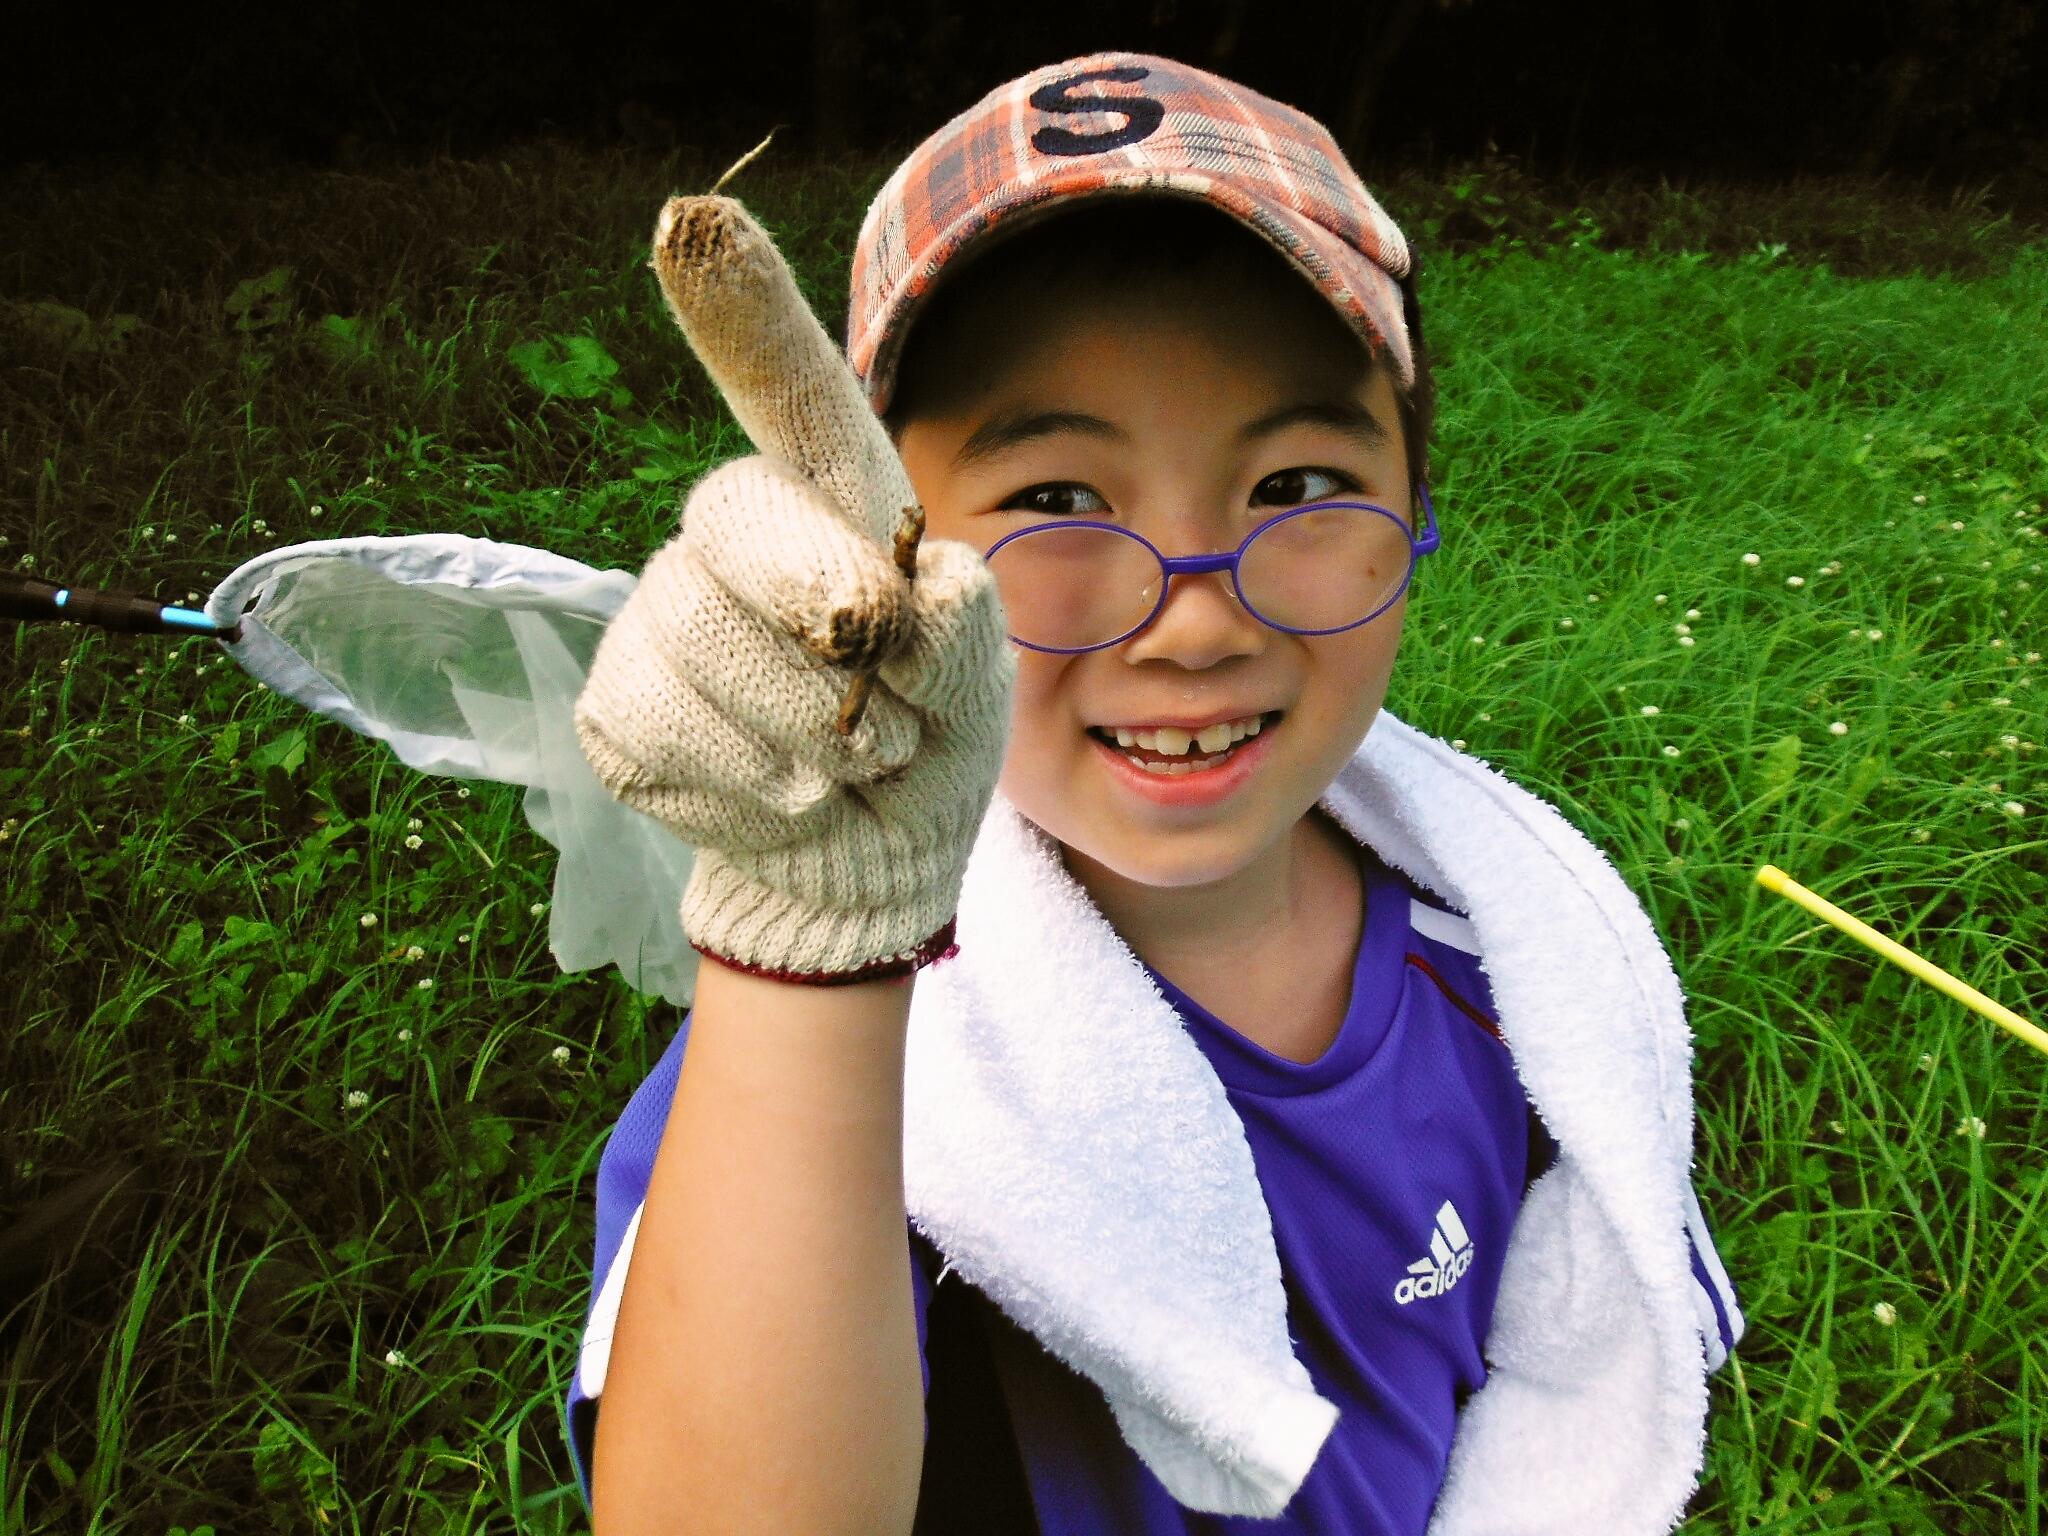 夏休みを重要な学びの時間に!子ども向けキャンプのすすめ-自然体験活動にどんな教育効果があるのか?